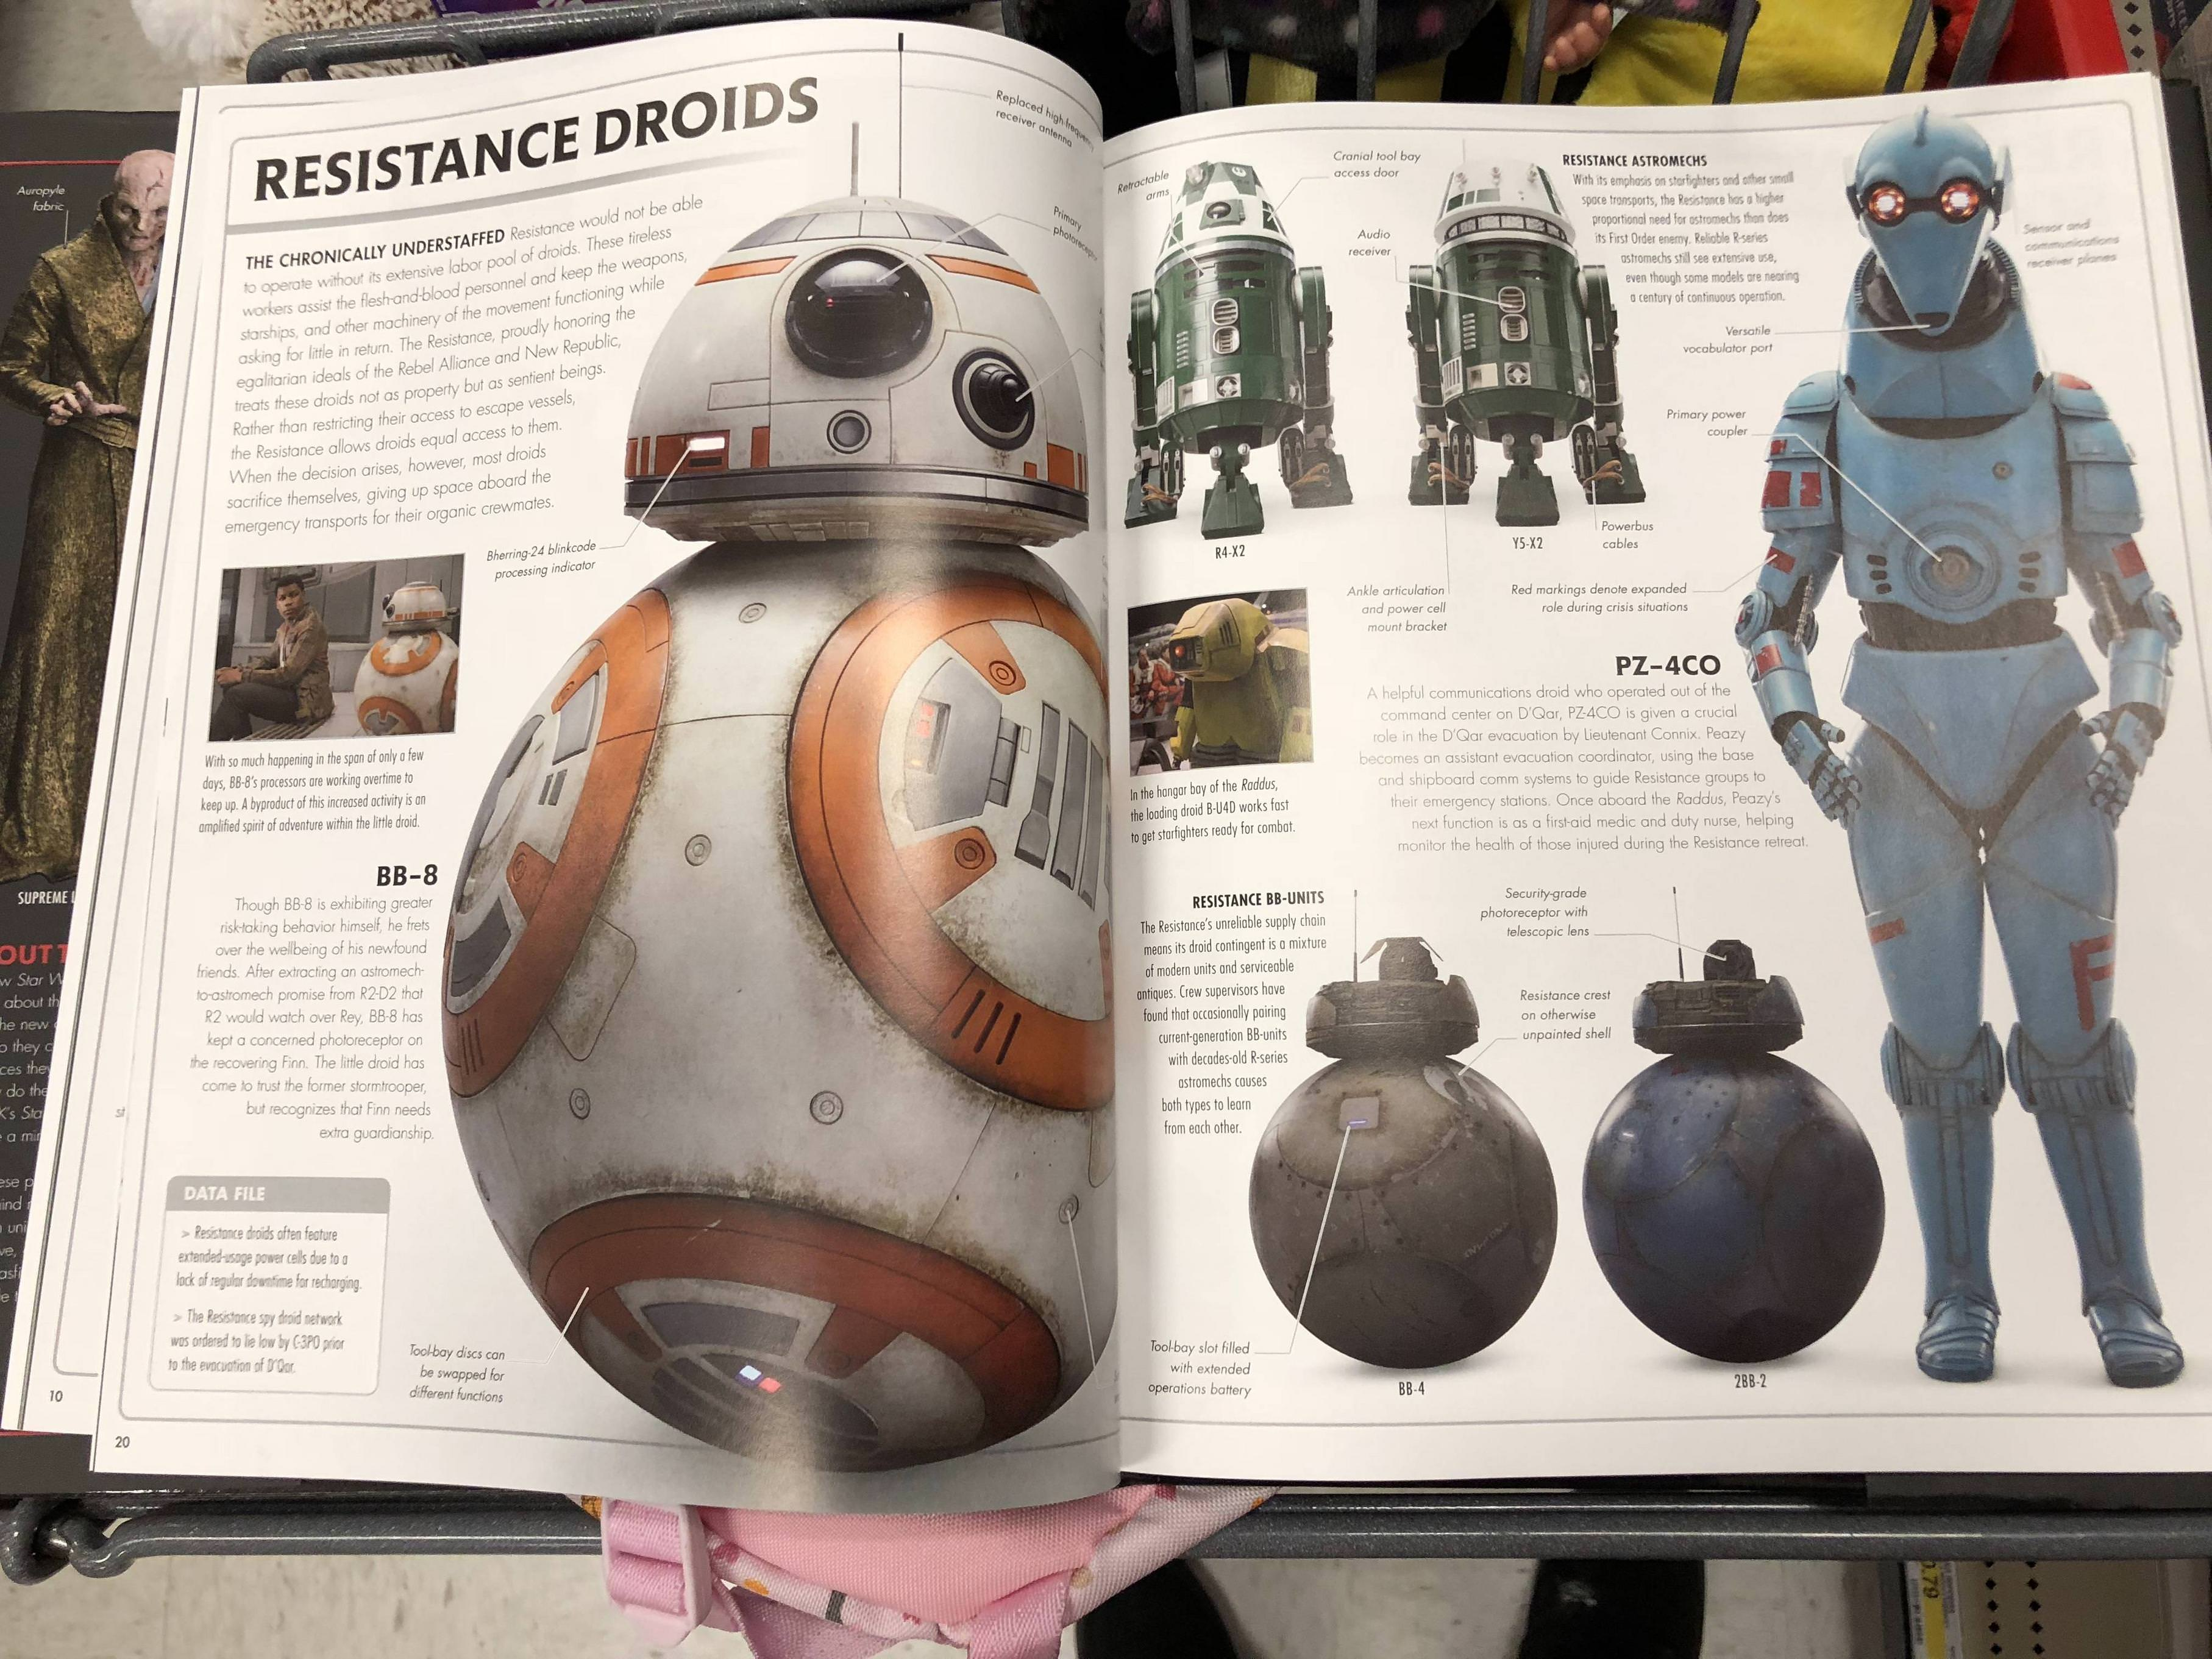 BB-8 Star Wars Télécommande TARGET EXCLUSIVE TOY la Force Réveille Droid NEUF